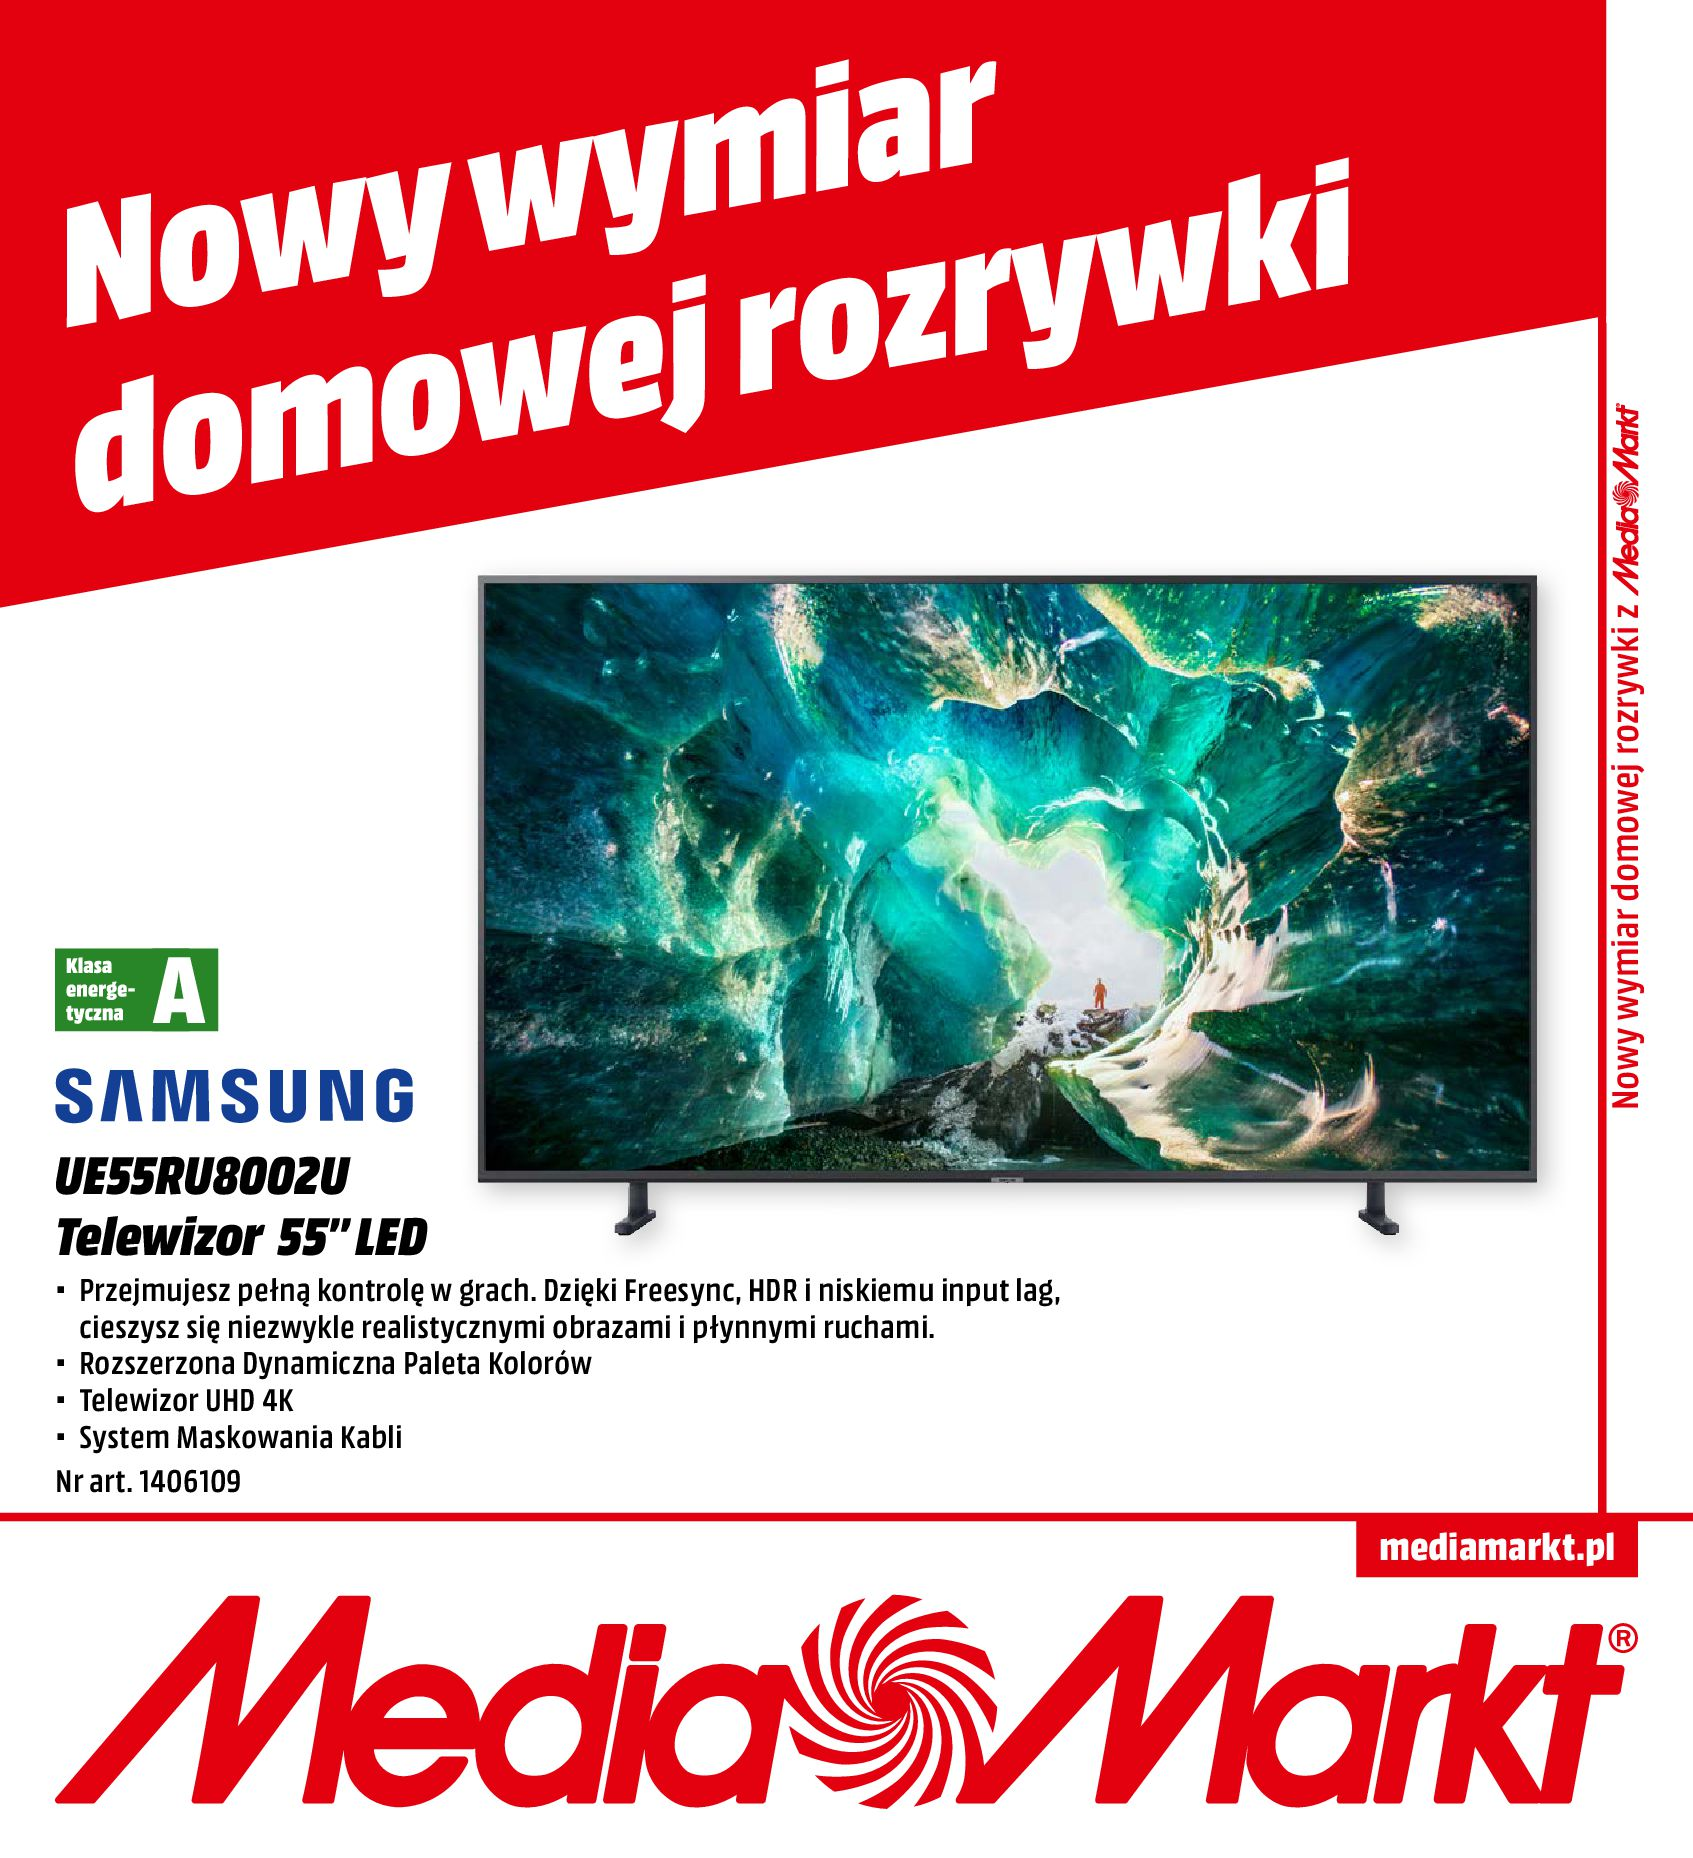 Gazetka Media Markt - Nowy wymiar domowej rozrywki-30.09.2019-31.10.2019-page-1